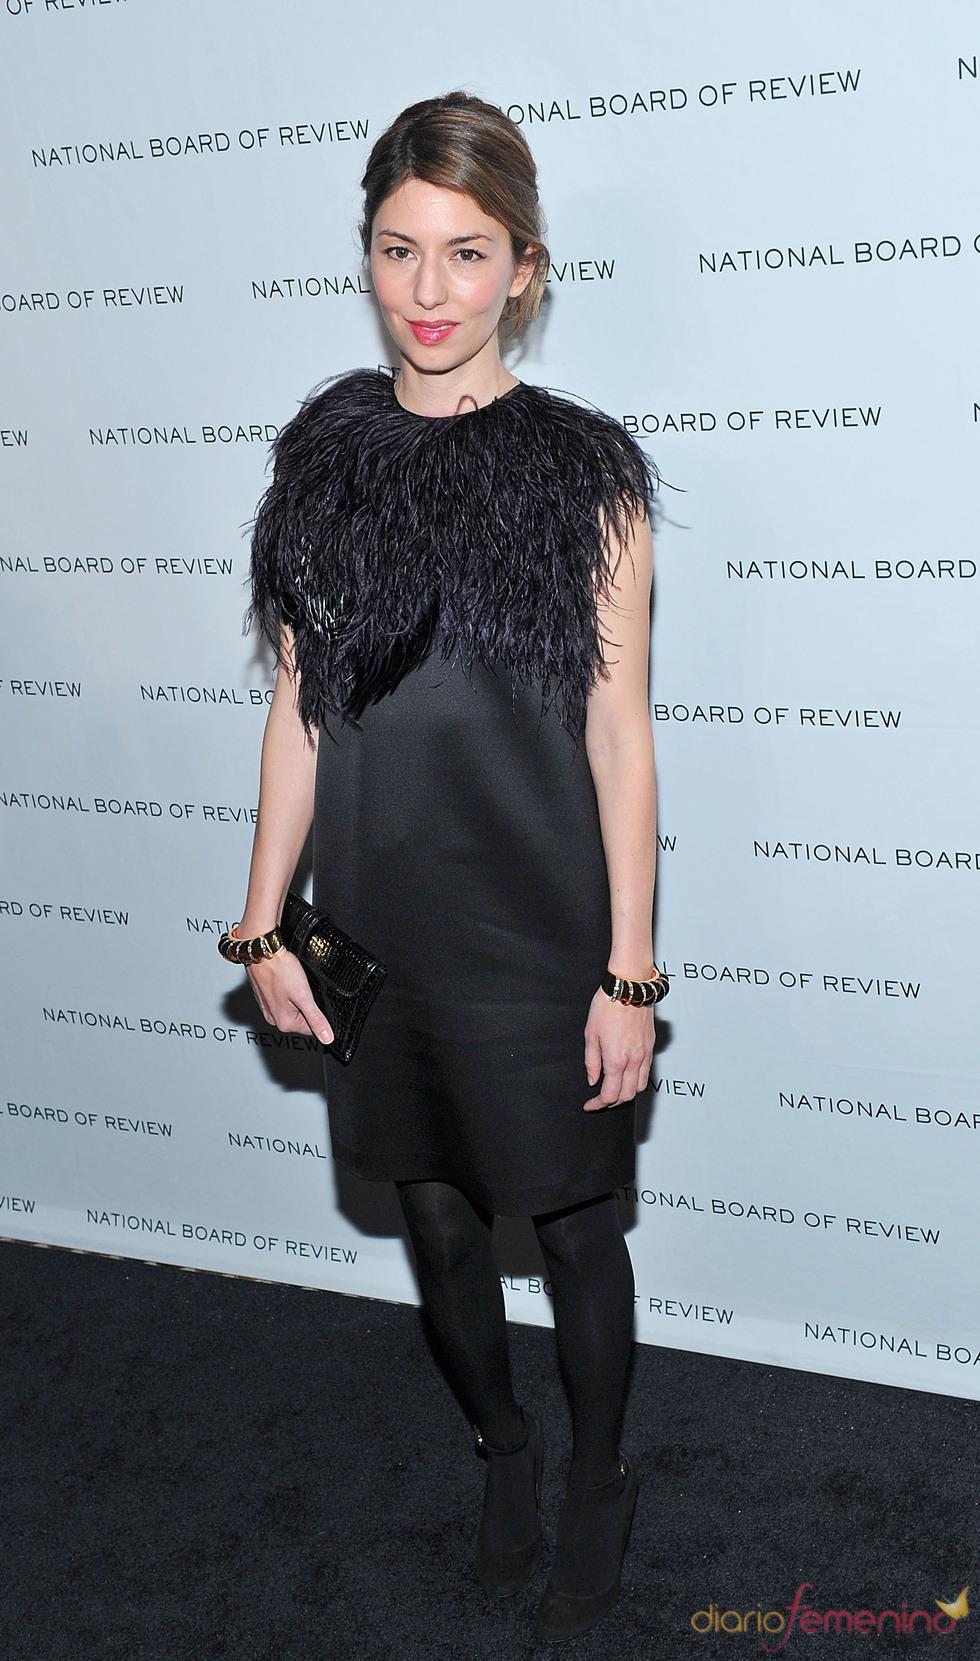 Sofia Coppola en los Premios de la Junta Nacional de Críticos